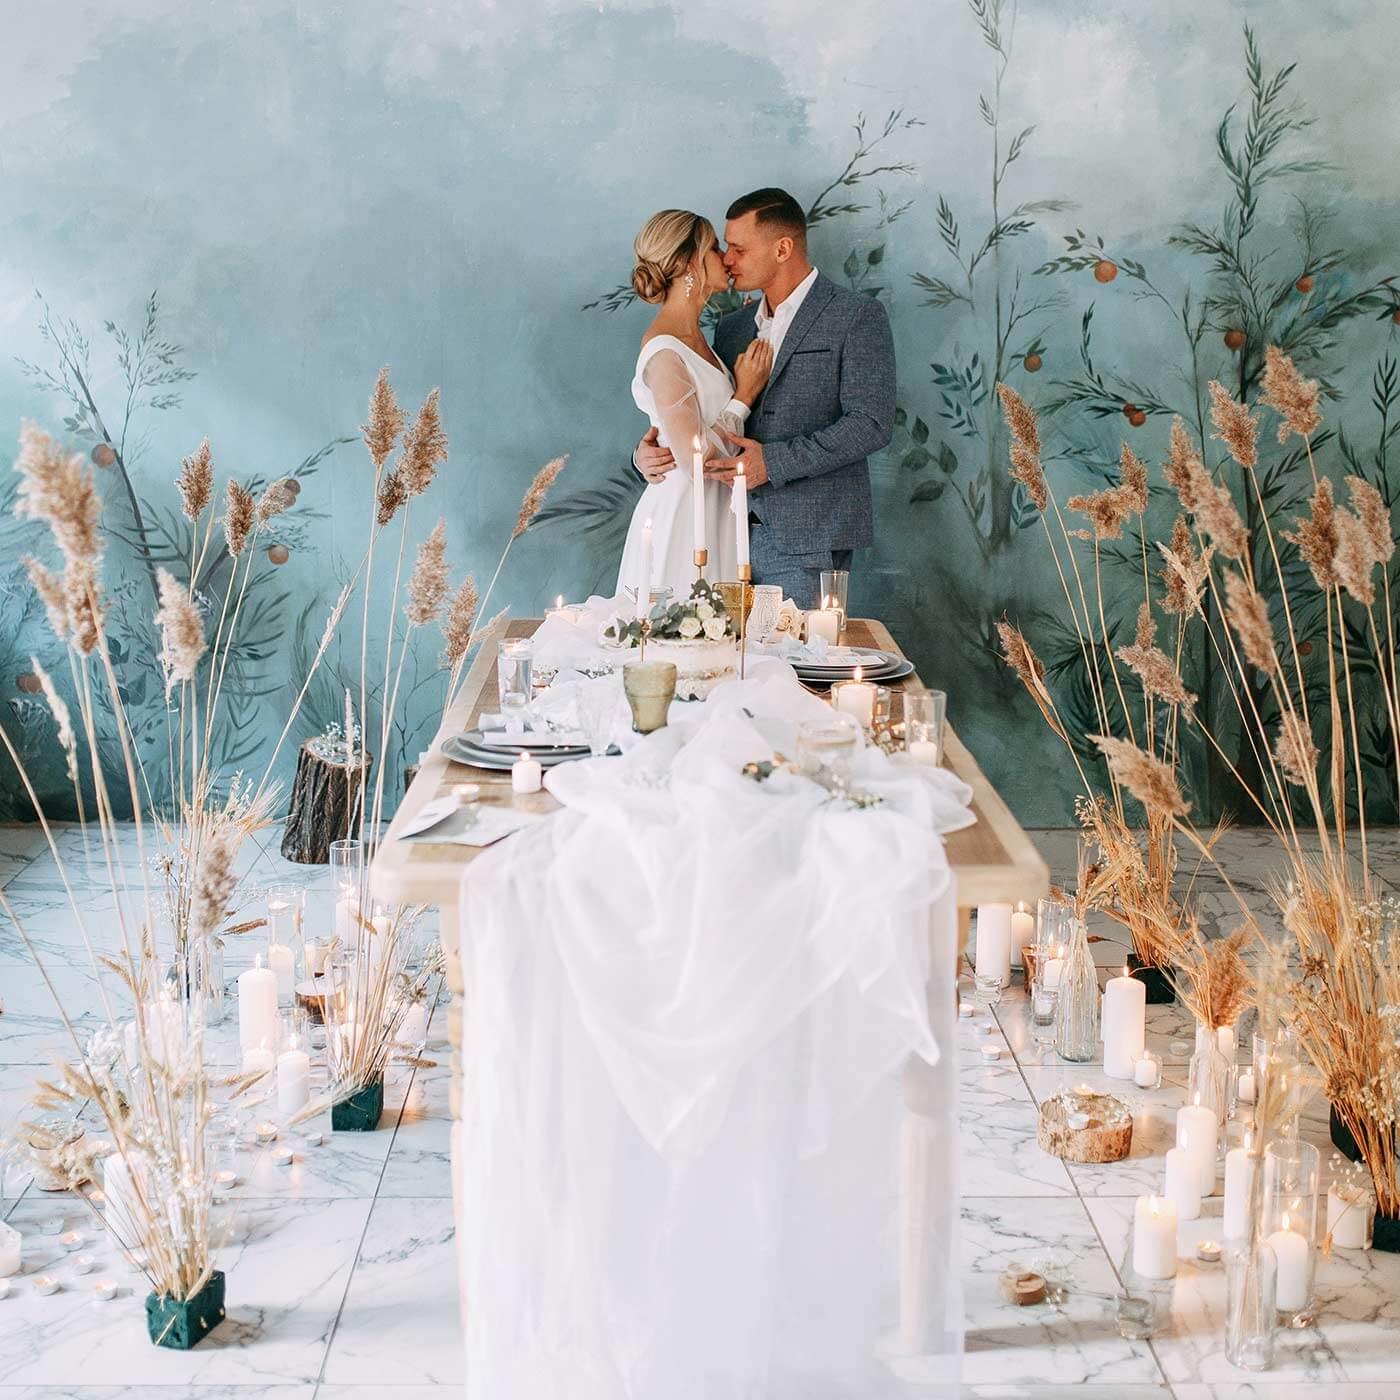 Hochzeitsideen: Ausgefallene Tipps, um bei der Hochzeit zu überraschen